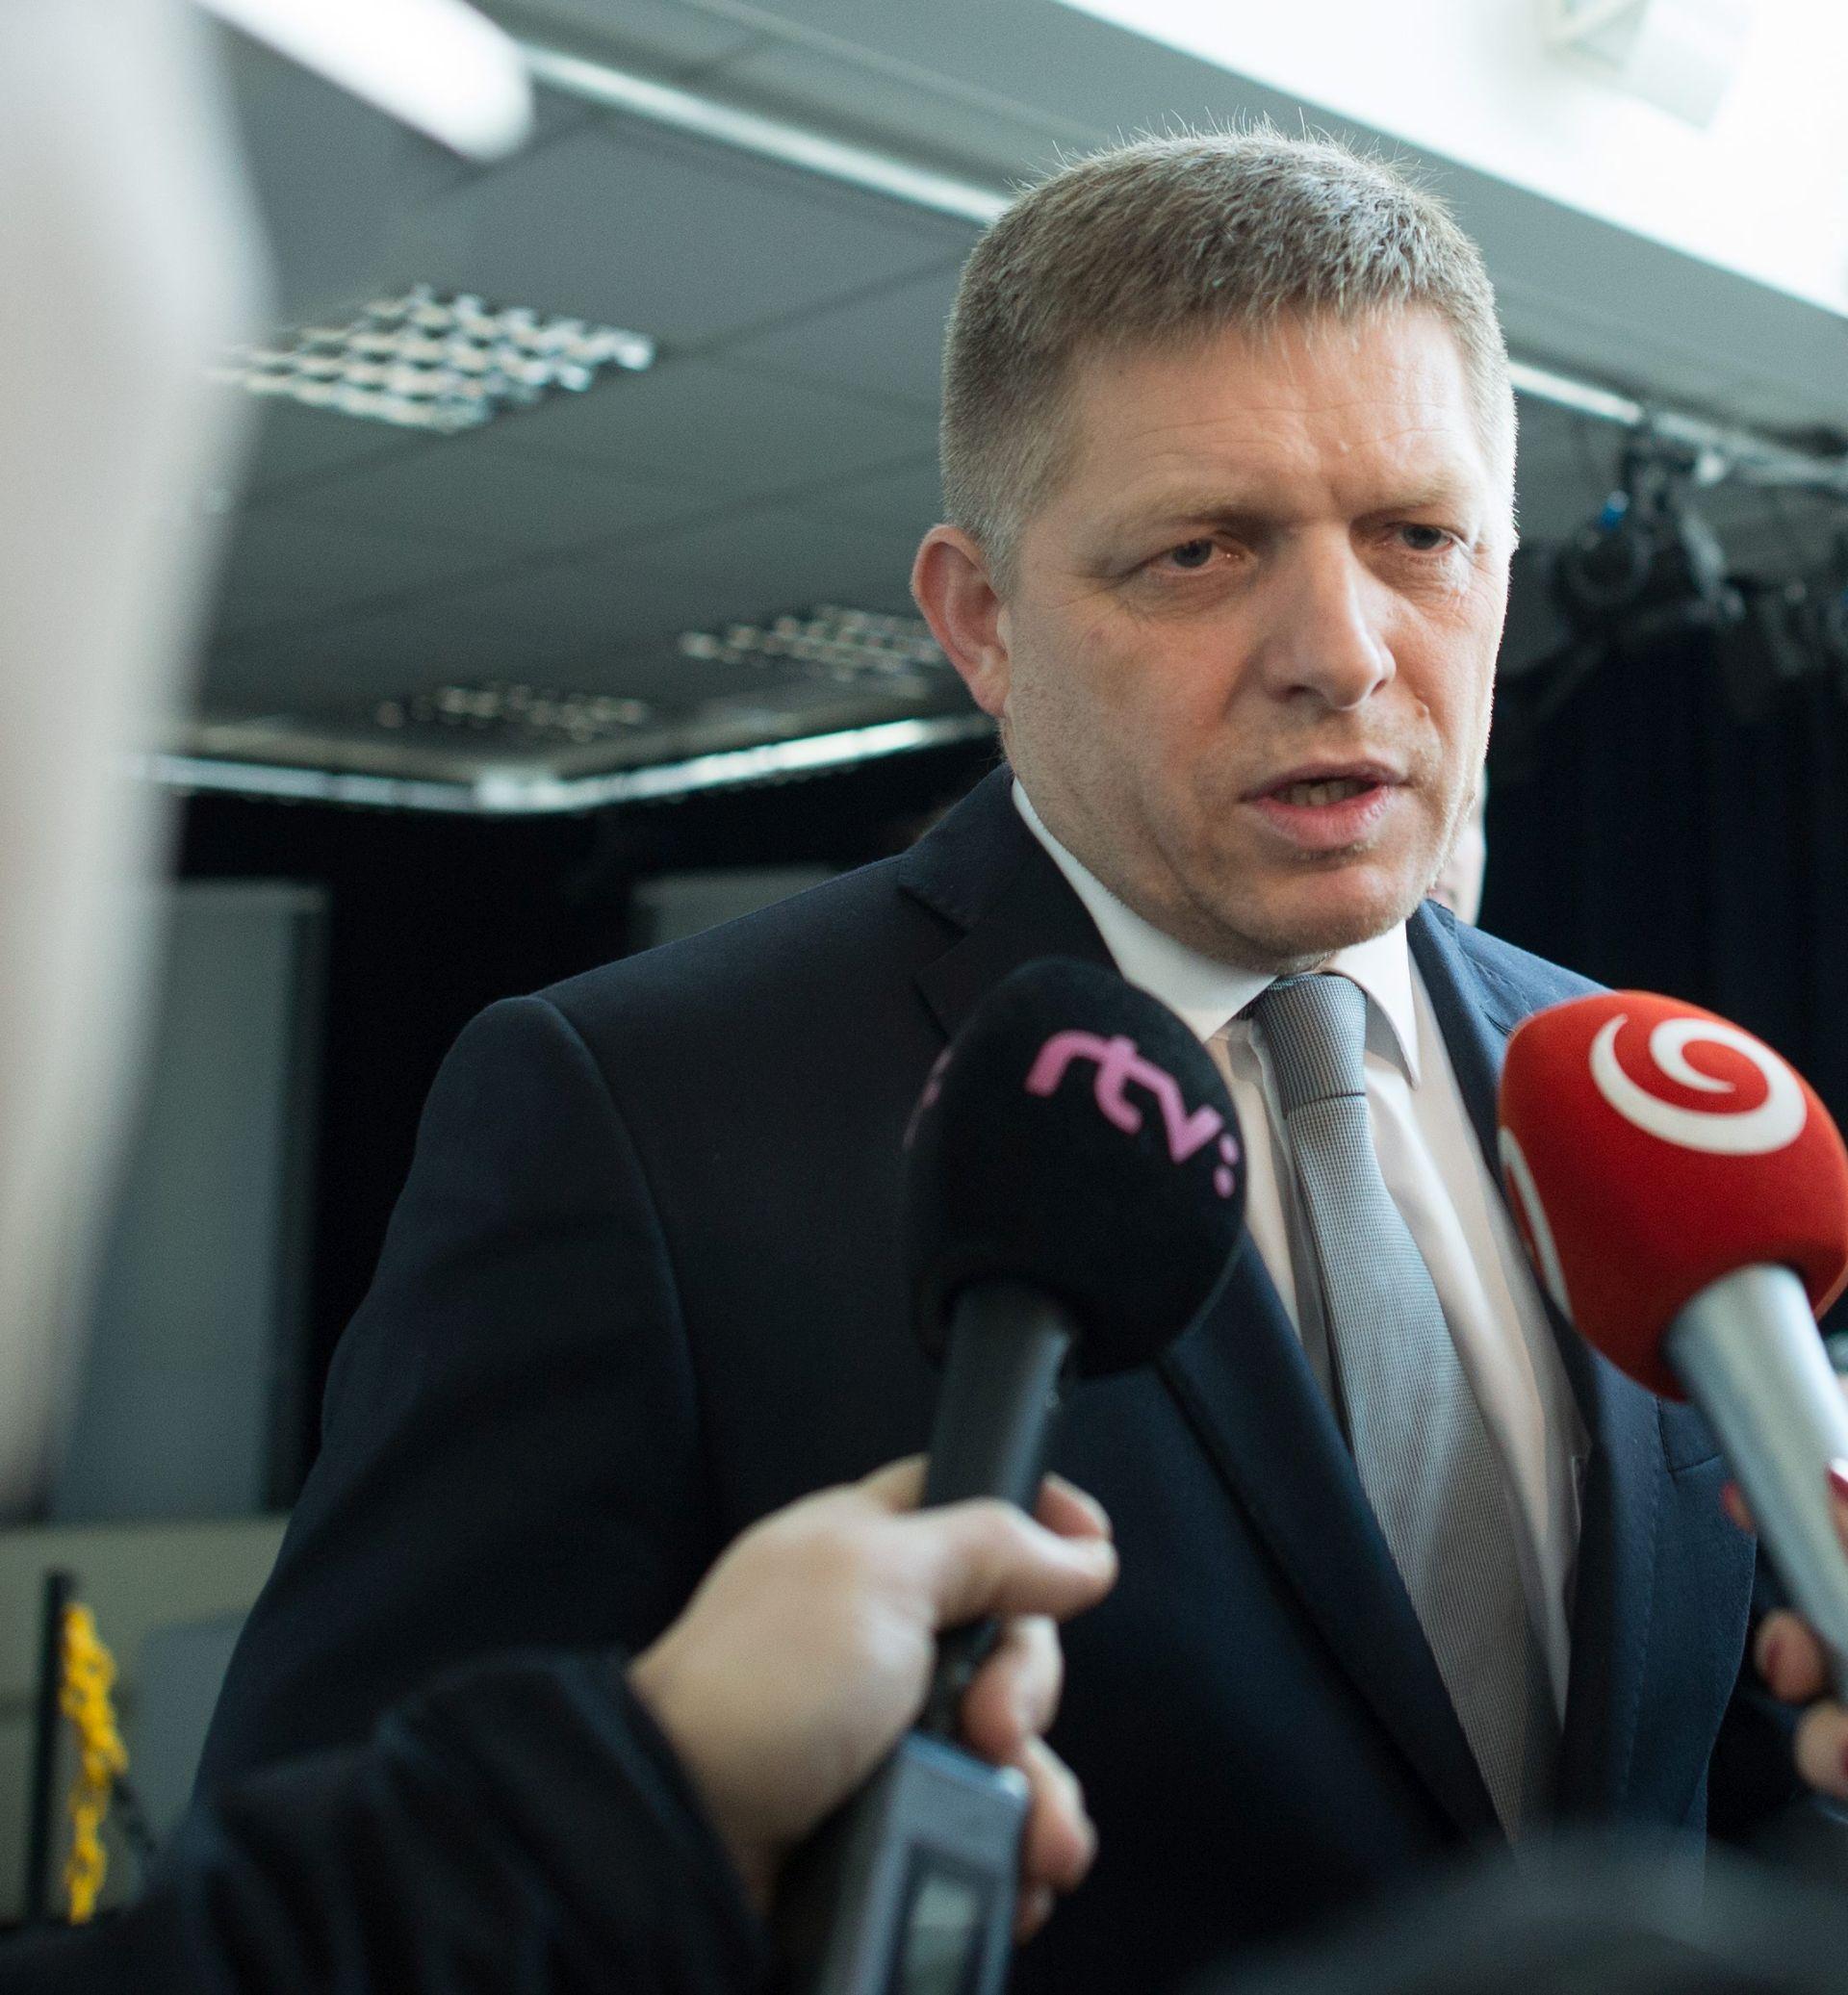 Fico odbacio poziv predsjednika na rekonstrukciju vlade ili prijevremene izbore